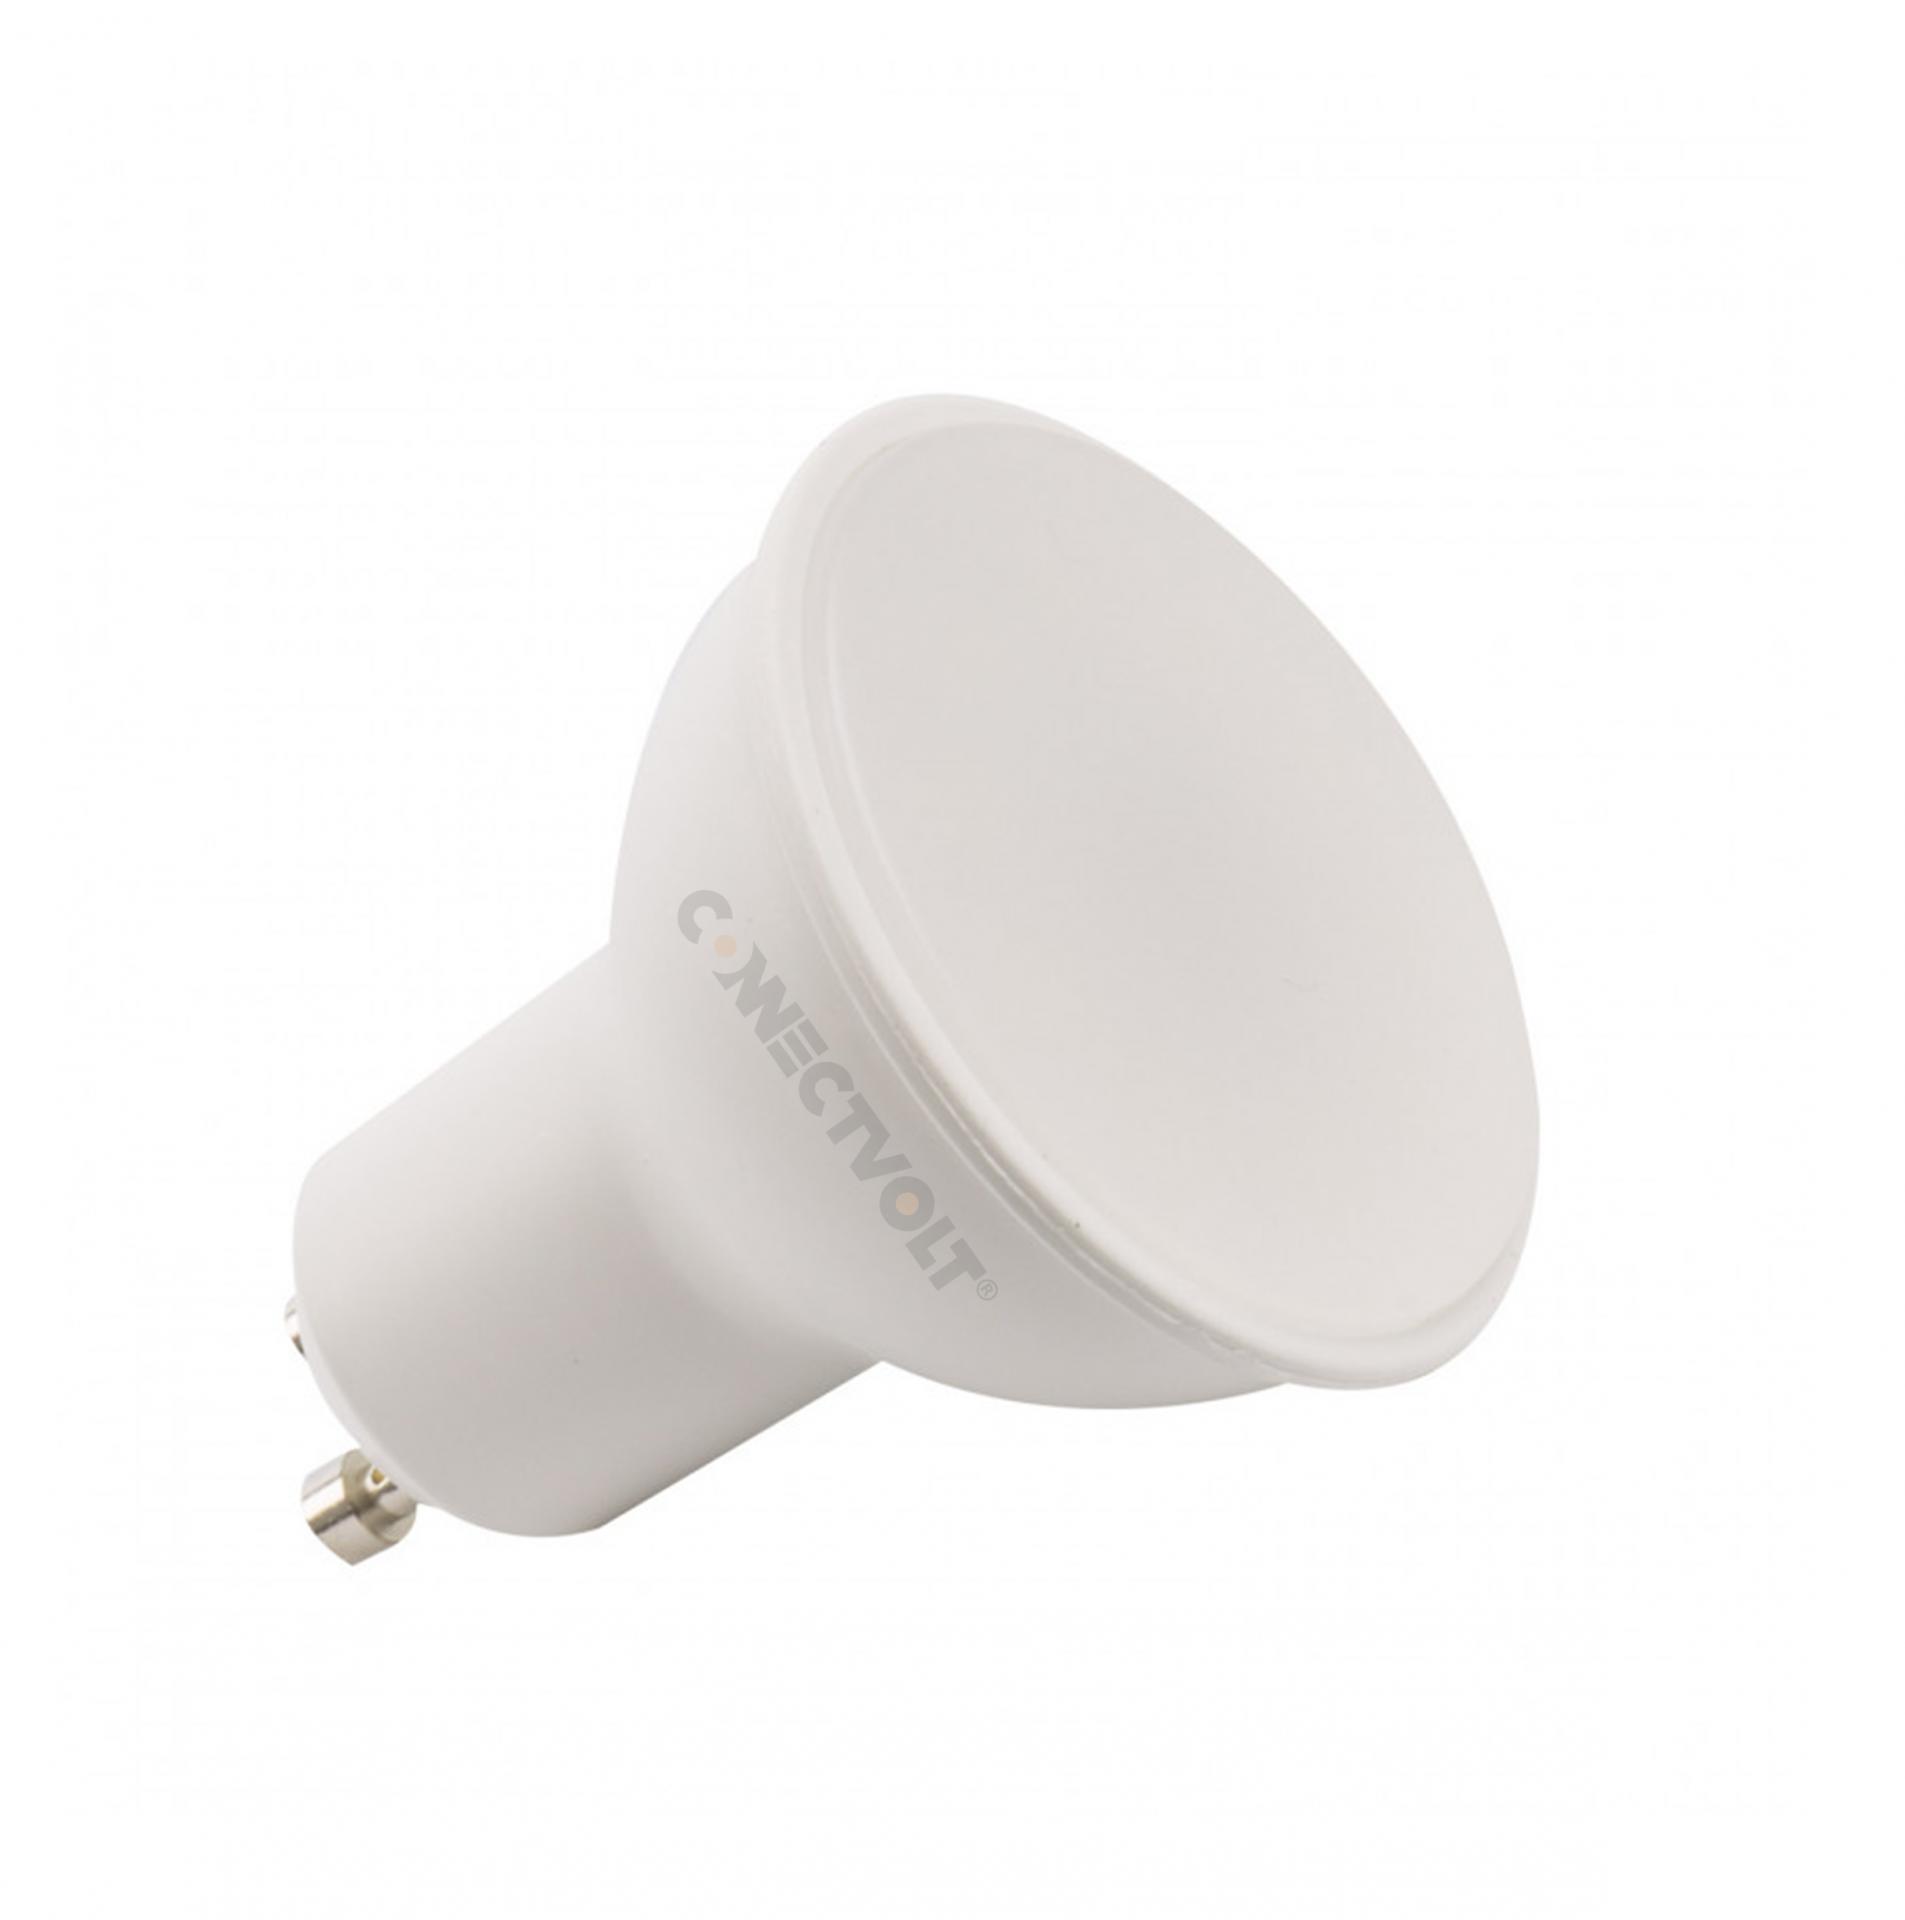 LED Lâmpada GU10 3W 120º